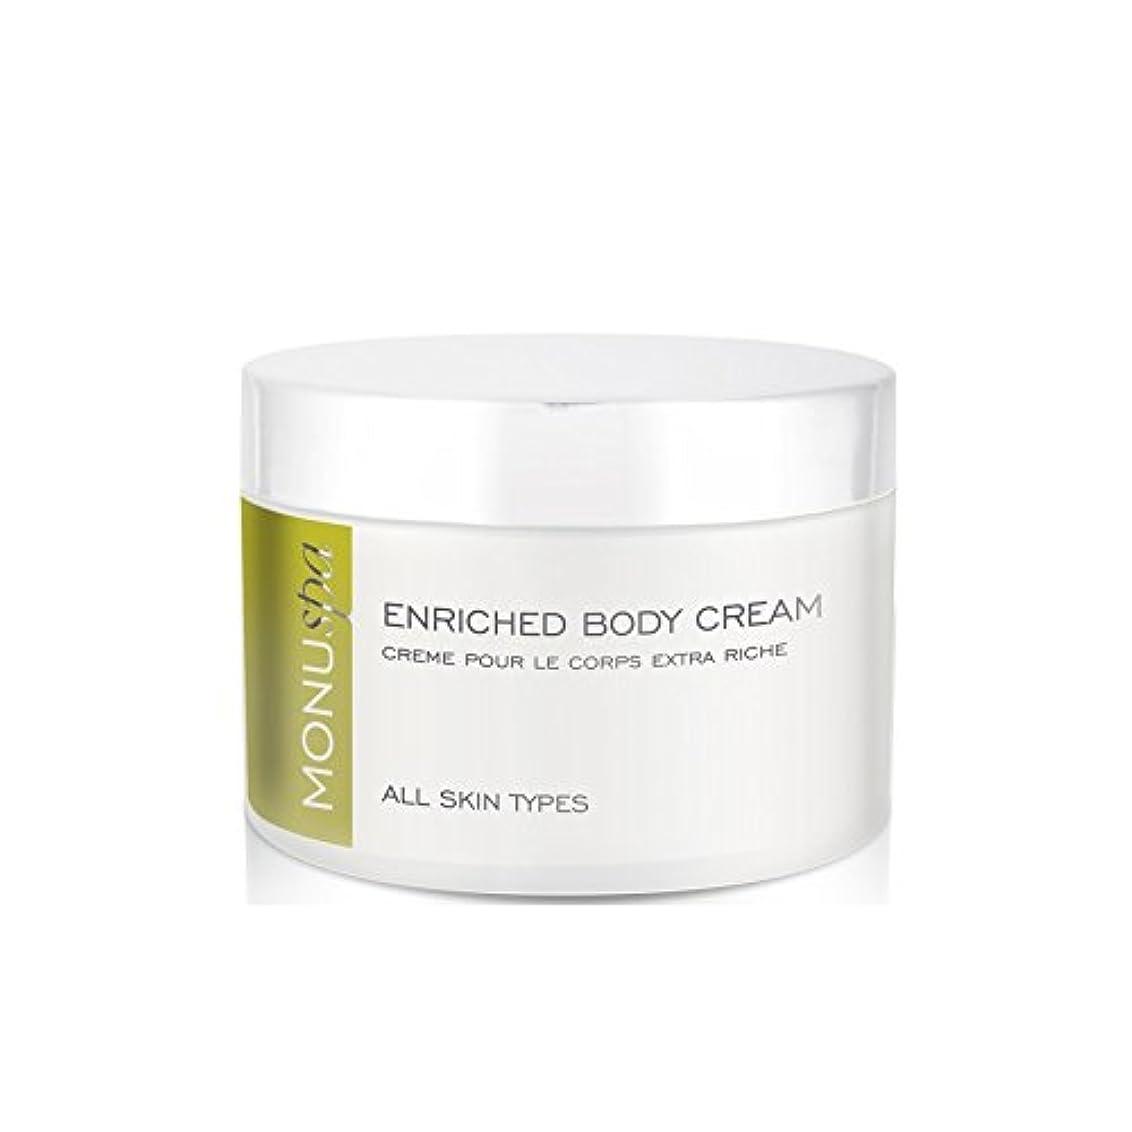 値とげのある懺悔濃縮ボディクリーム200ミリリットル x4 - MONUspa Enriched Body Cream 200ml (Pack of 4) [並行輸入品]